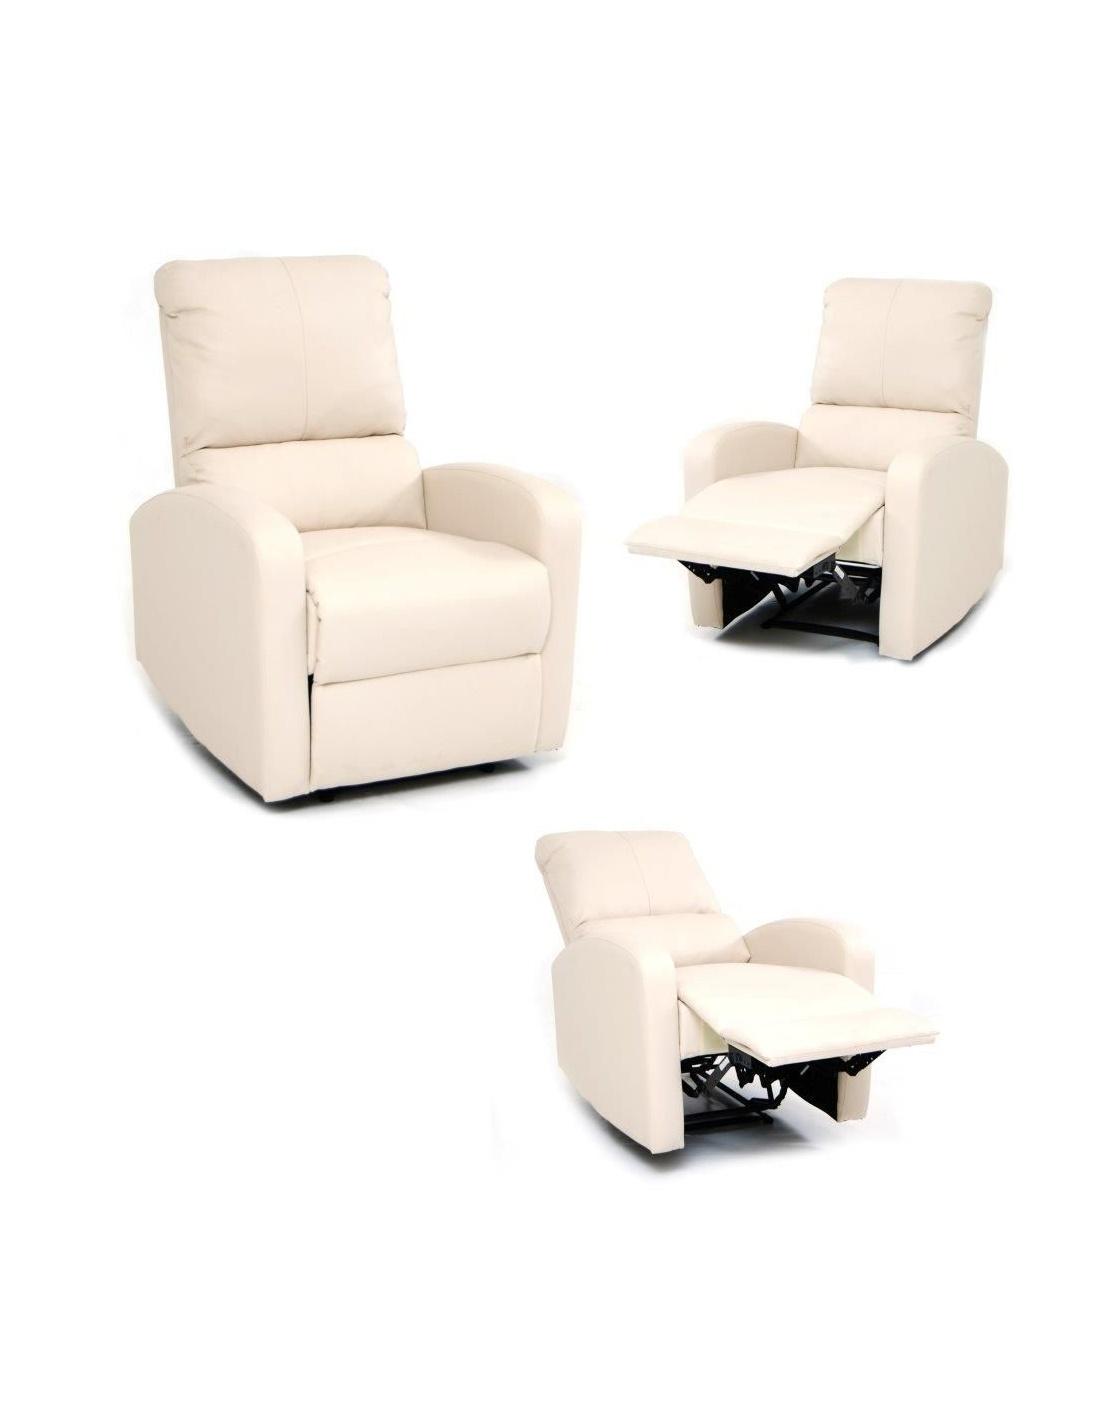 Poltrona relax recliner modello camilla for Poltrone relax amazon